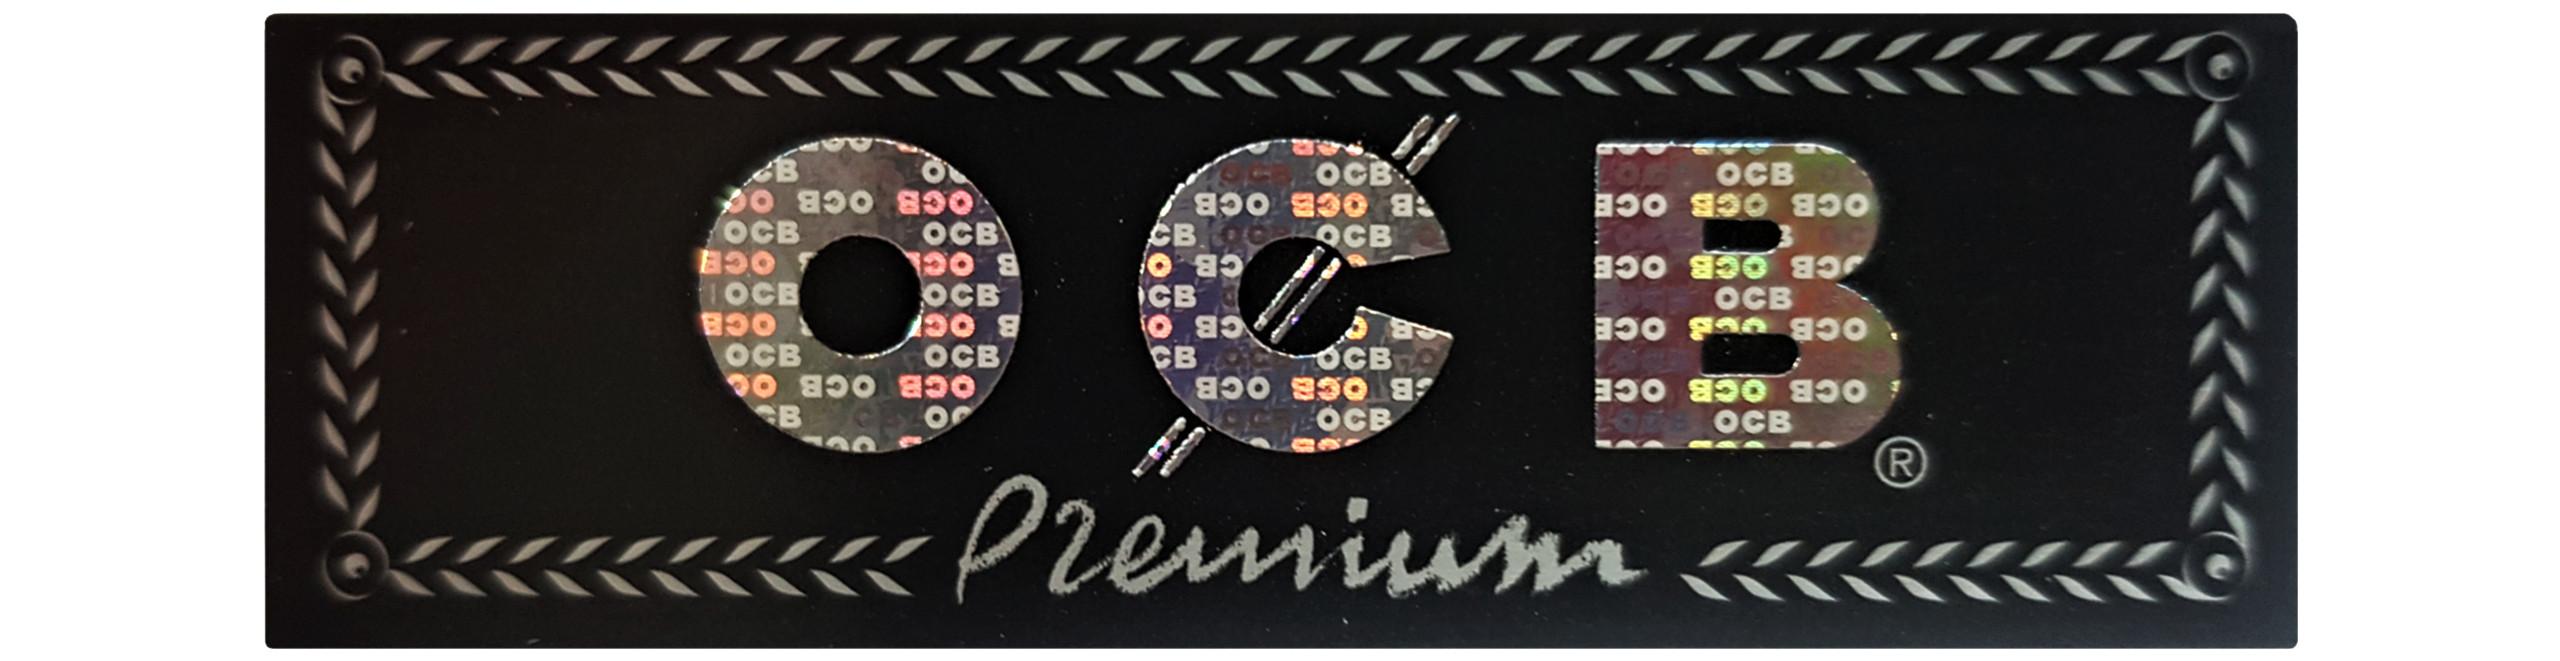 Салфетки Bletki ОКБ Premium No.1 50шт.